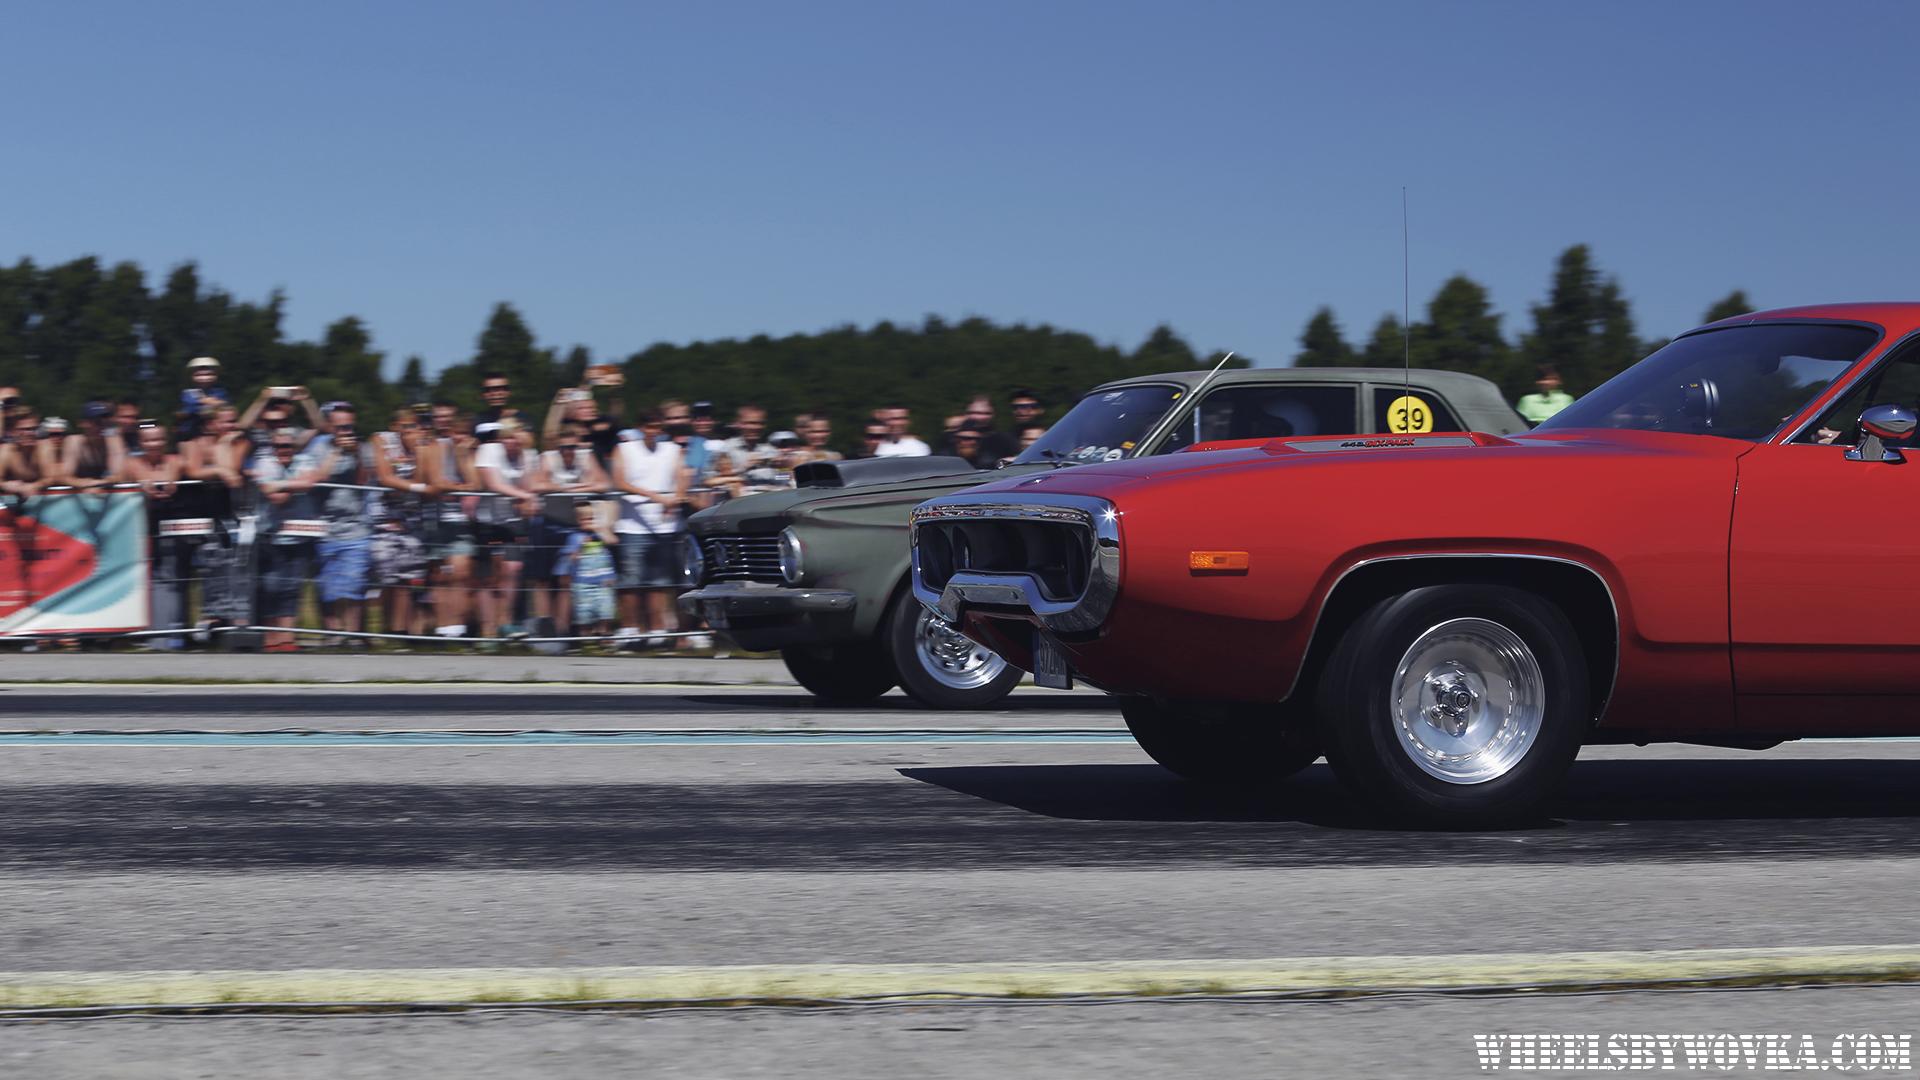 american-beauty-car-show-2017-haapsalu-dragrace-by-wheelsbywovka-13